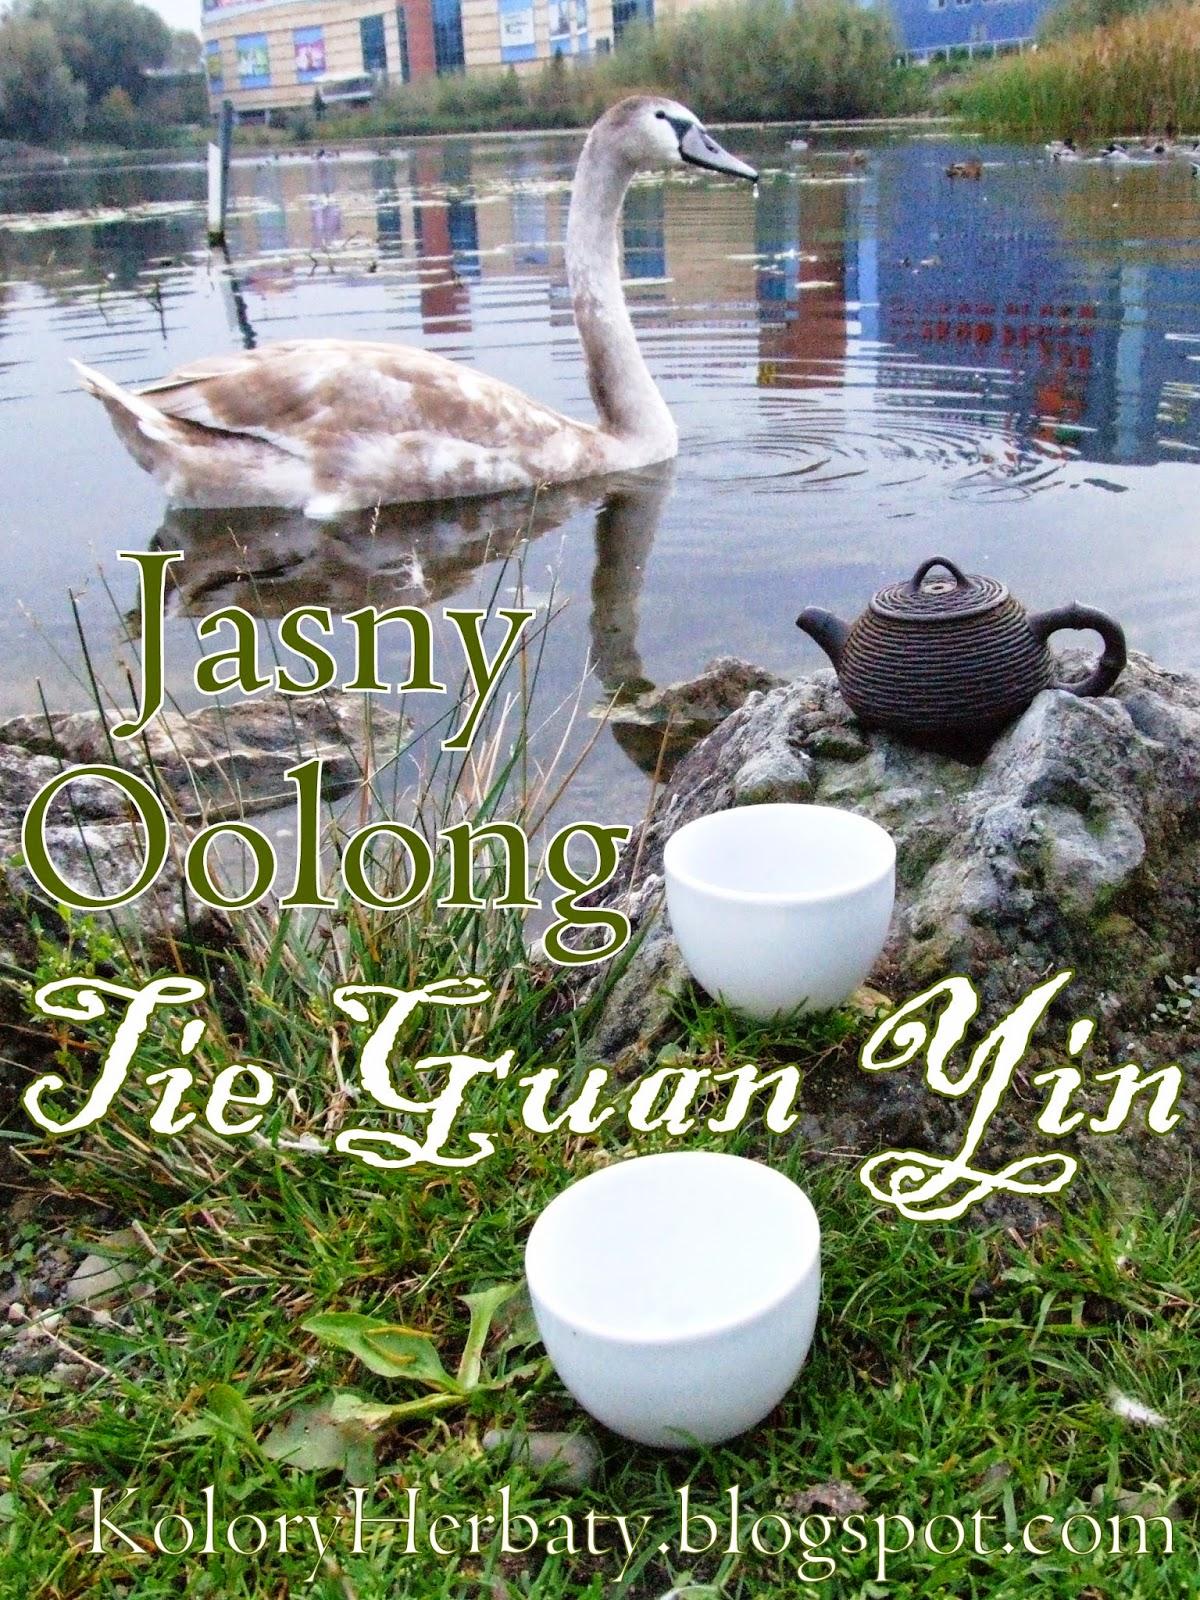 Jasny oolong Tie Guan Yin nad stawem z łabędziami